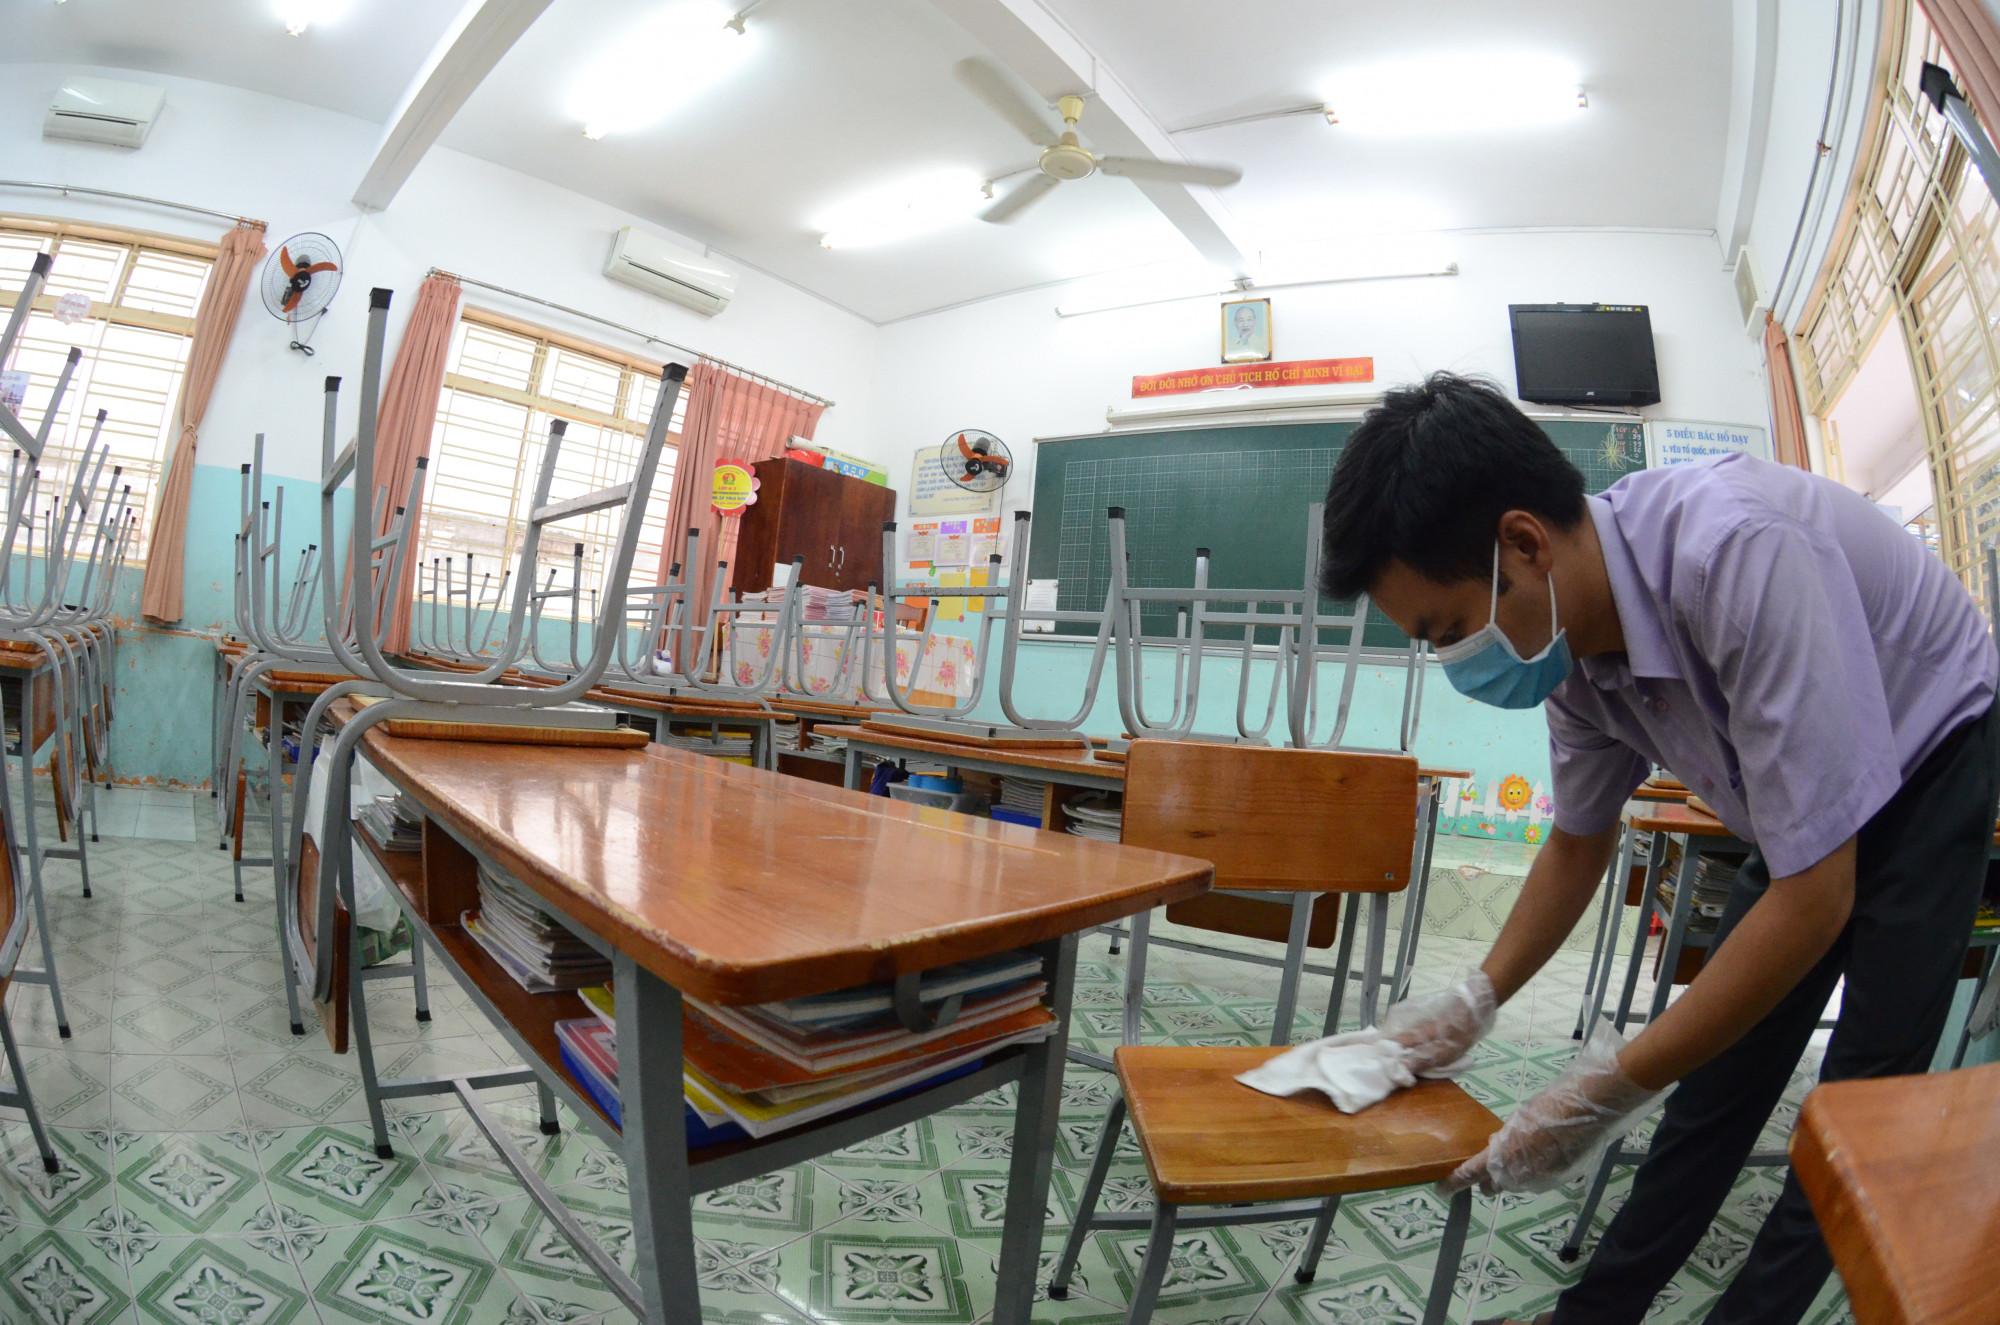 Bộ GD-ĐT đề nghị các Sở GD-ĐT chỉ đạo các cơ sở giáo dục tiếp tục thực hiện công tác vệ sinh, tẩy trùng trường lớp học, chuẩn bị sẵn sàng các điều kiện tốt nhất đón học sinh quay lại trường trong thời gian tới. Ảnh: Phùng Huy